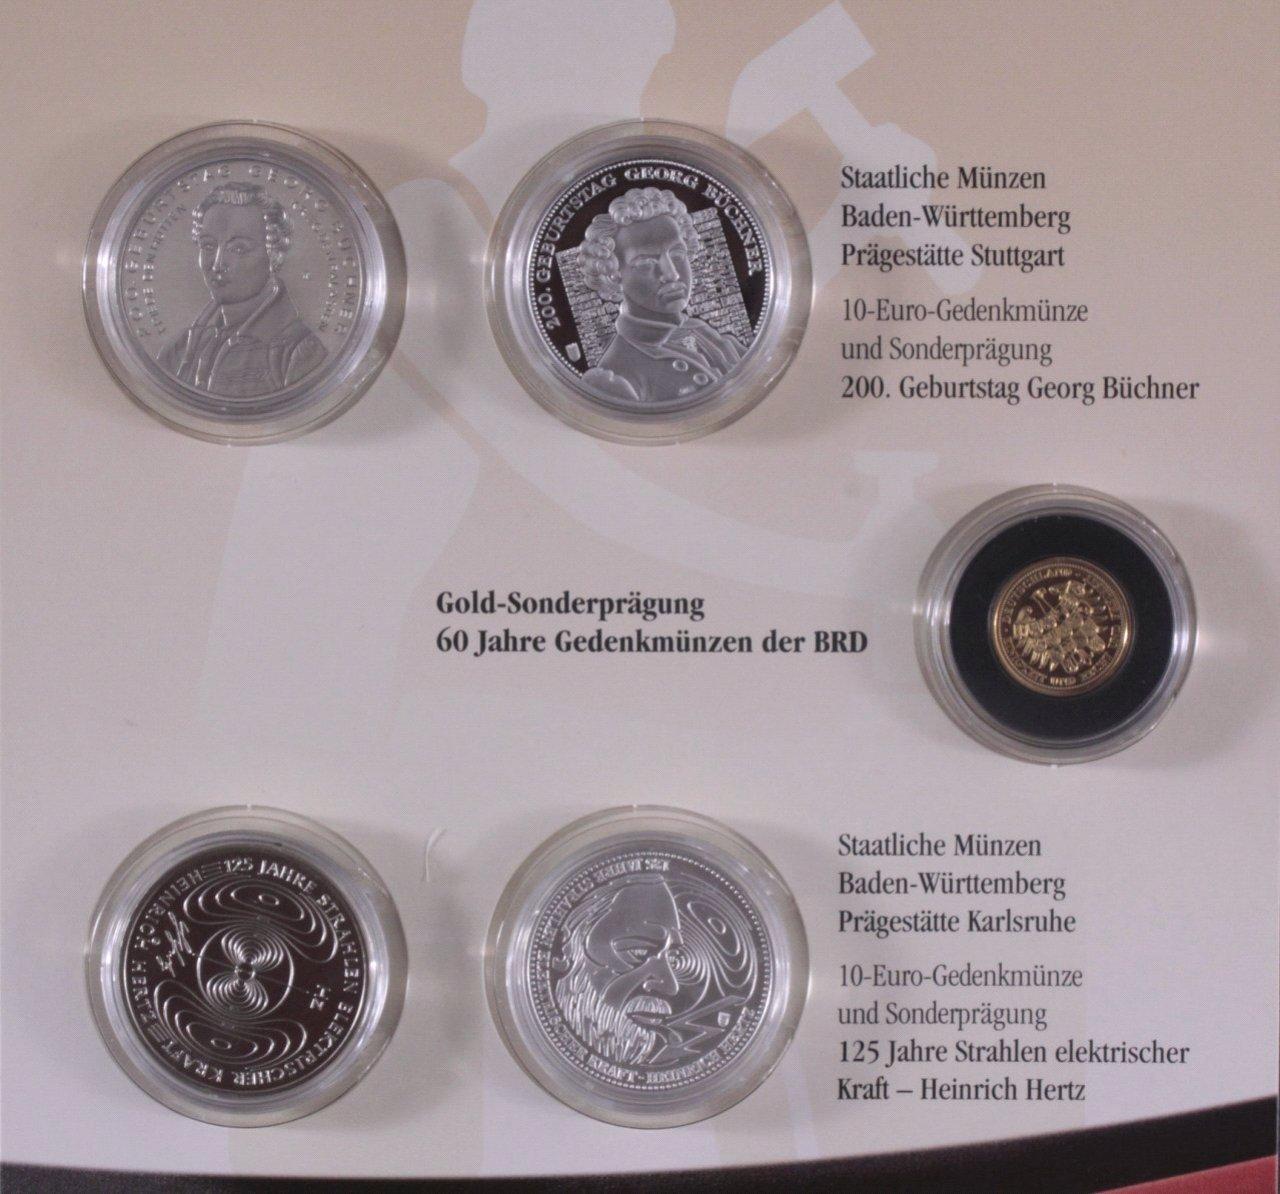 10 Euro Gedenkmünzen Und Sonderprägungen 2013 Mit Gold Badisches